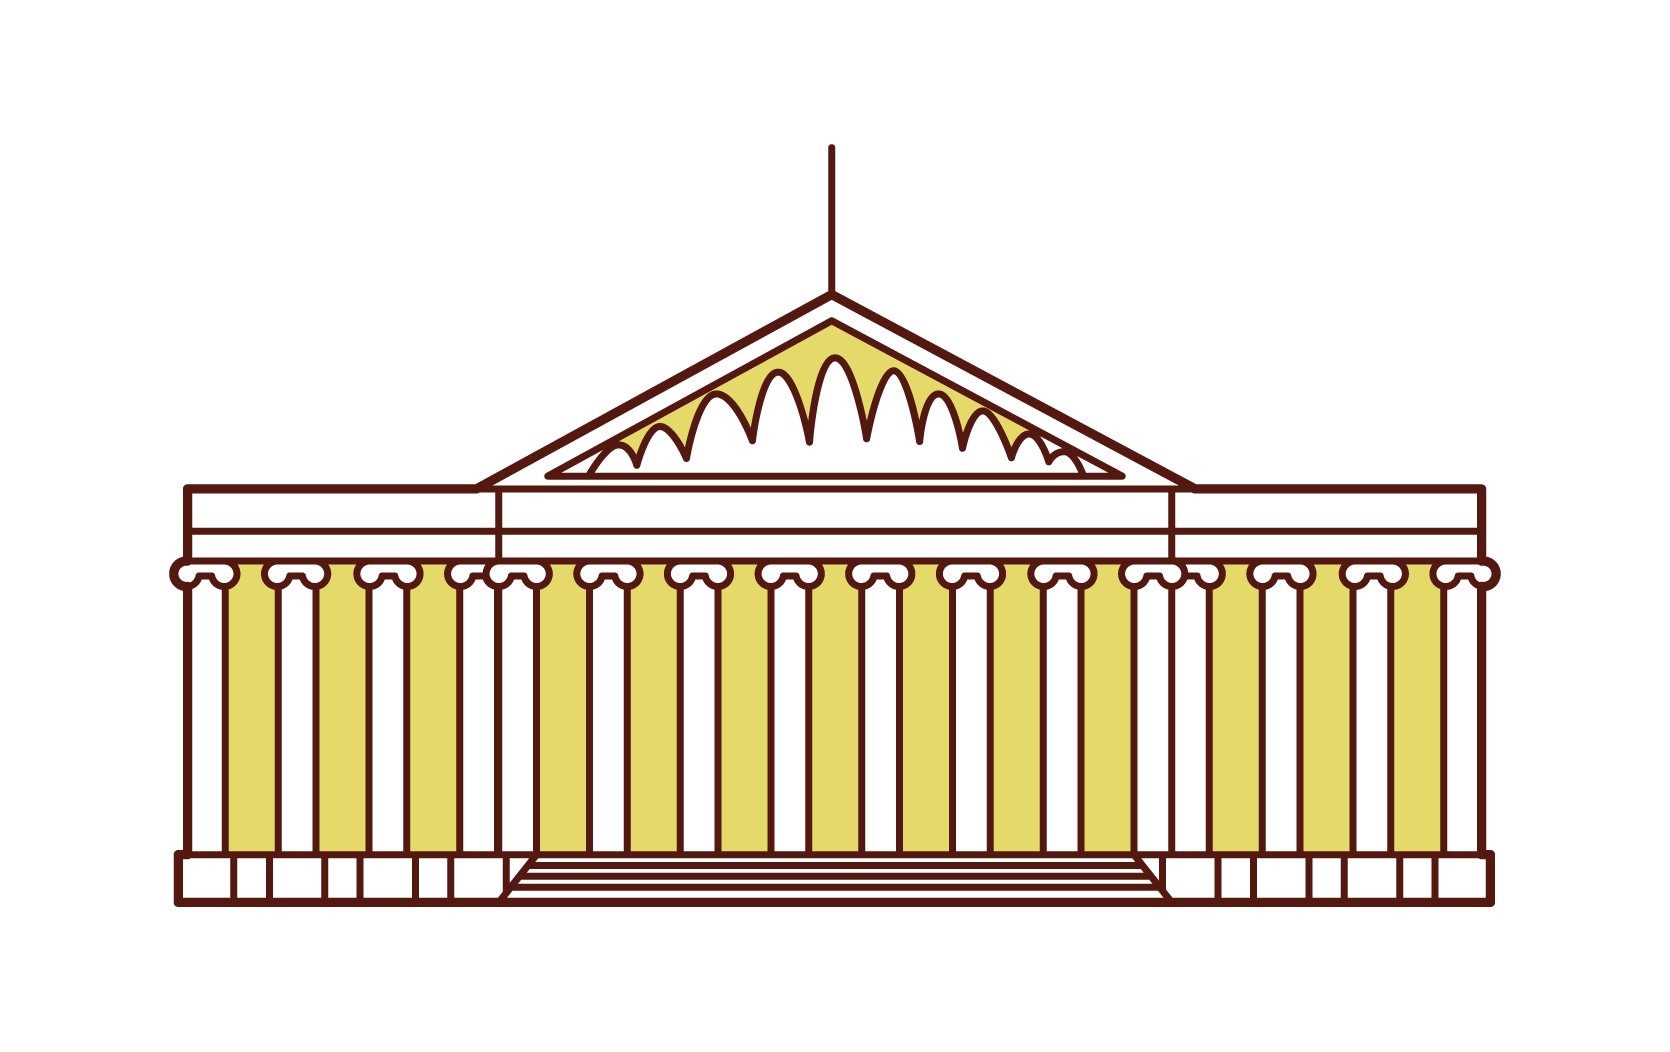 삽화 의 대영 박물관